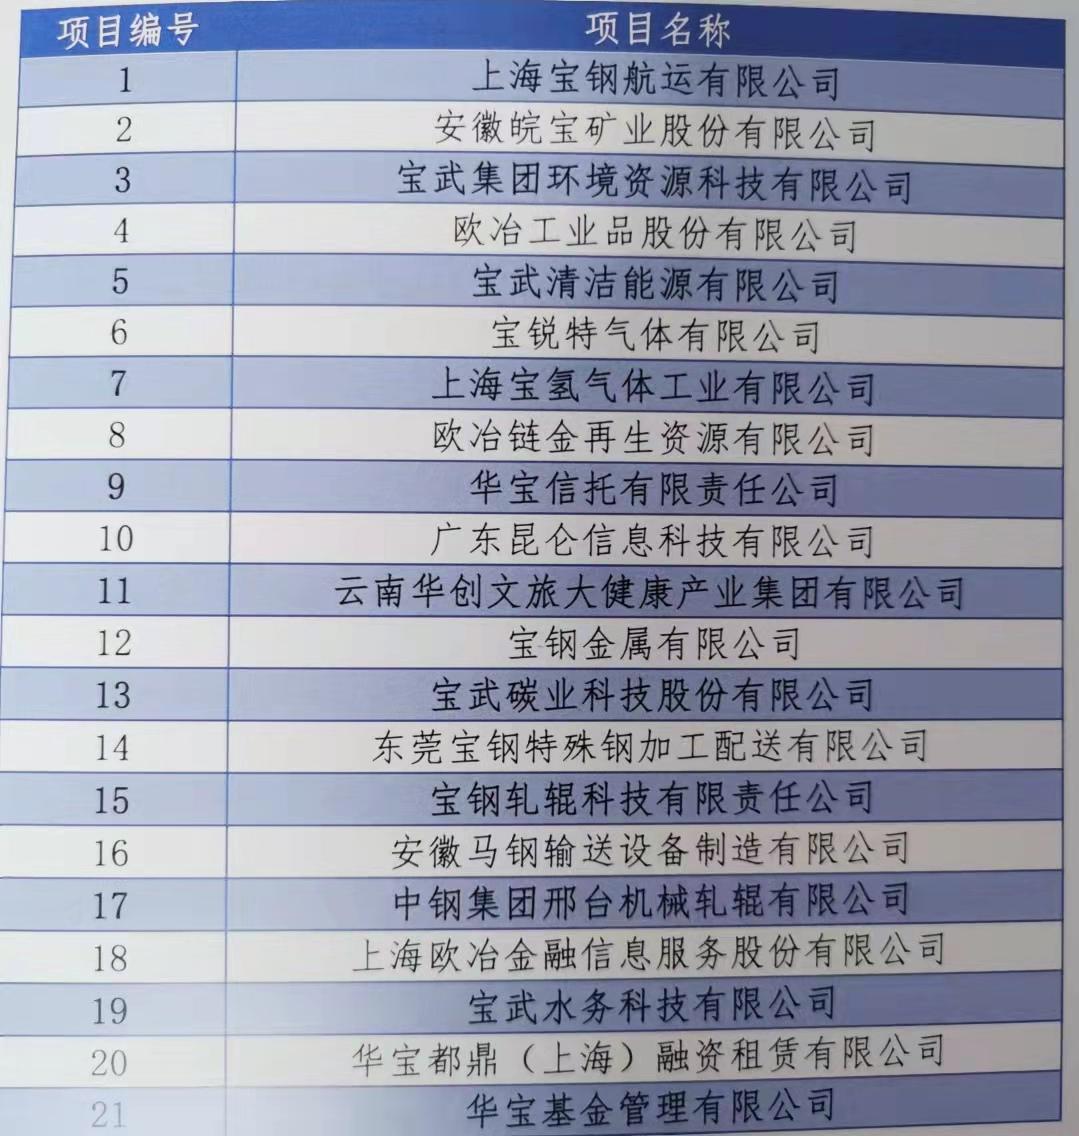 拟实施混改的21家企业